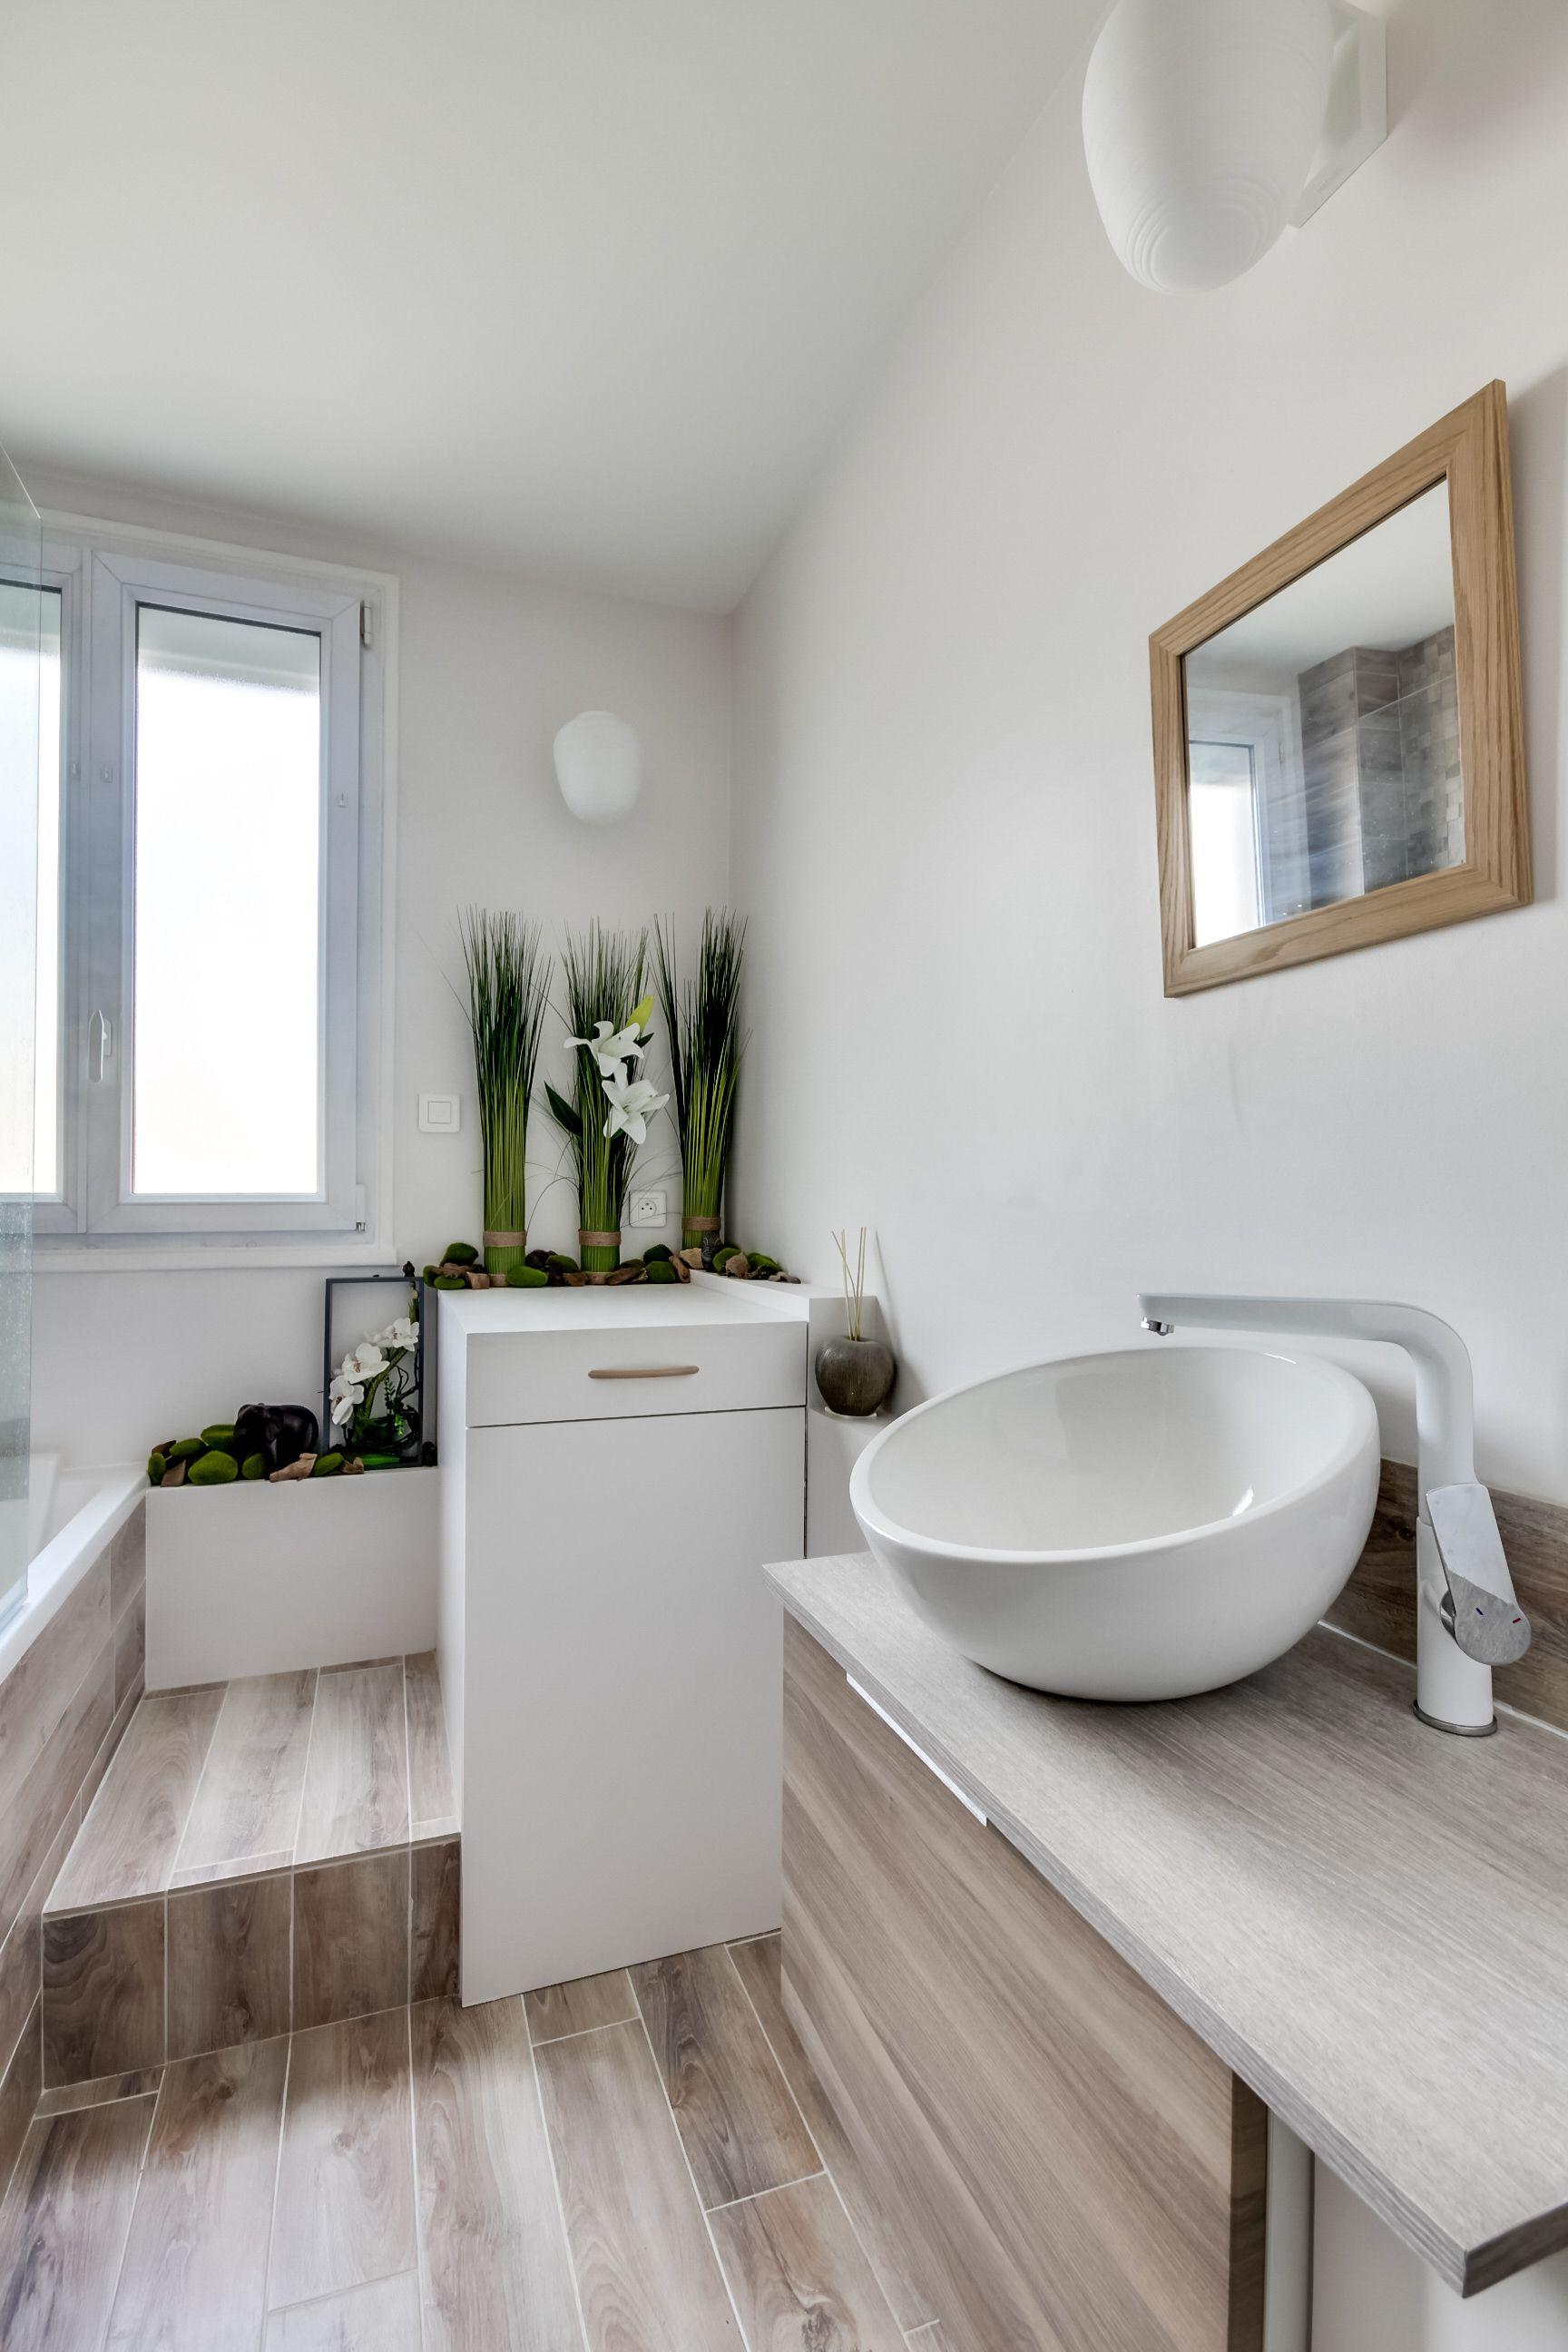 Une salle de bains chic et sobre tout en bois et blanc, dans un appartement rénové par l'architecte d'intérieur Nicolas Corazzari à Vanves.